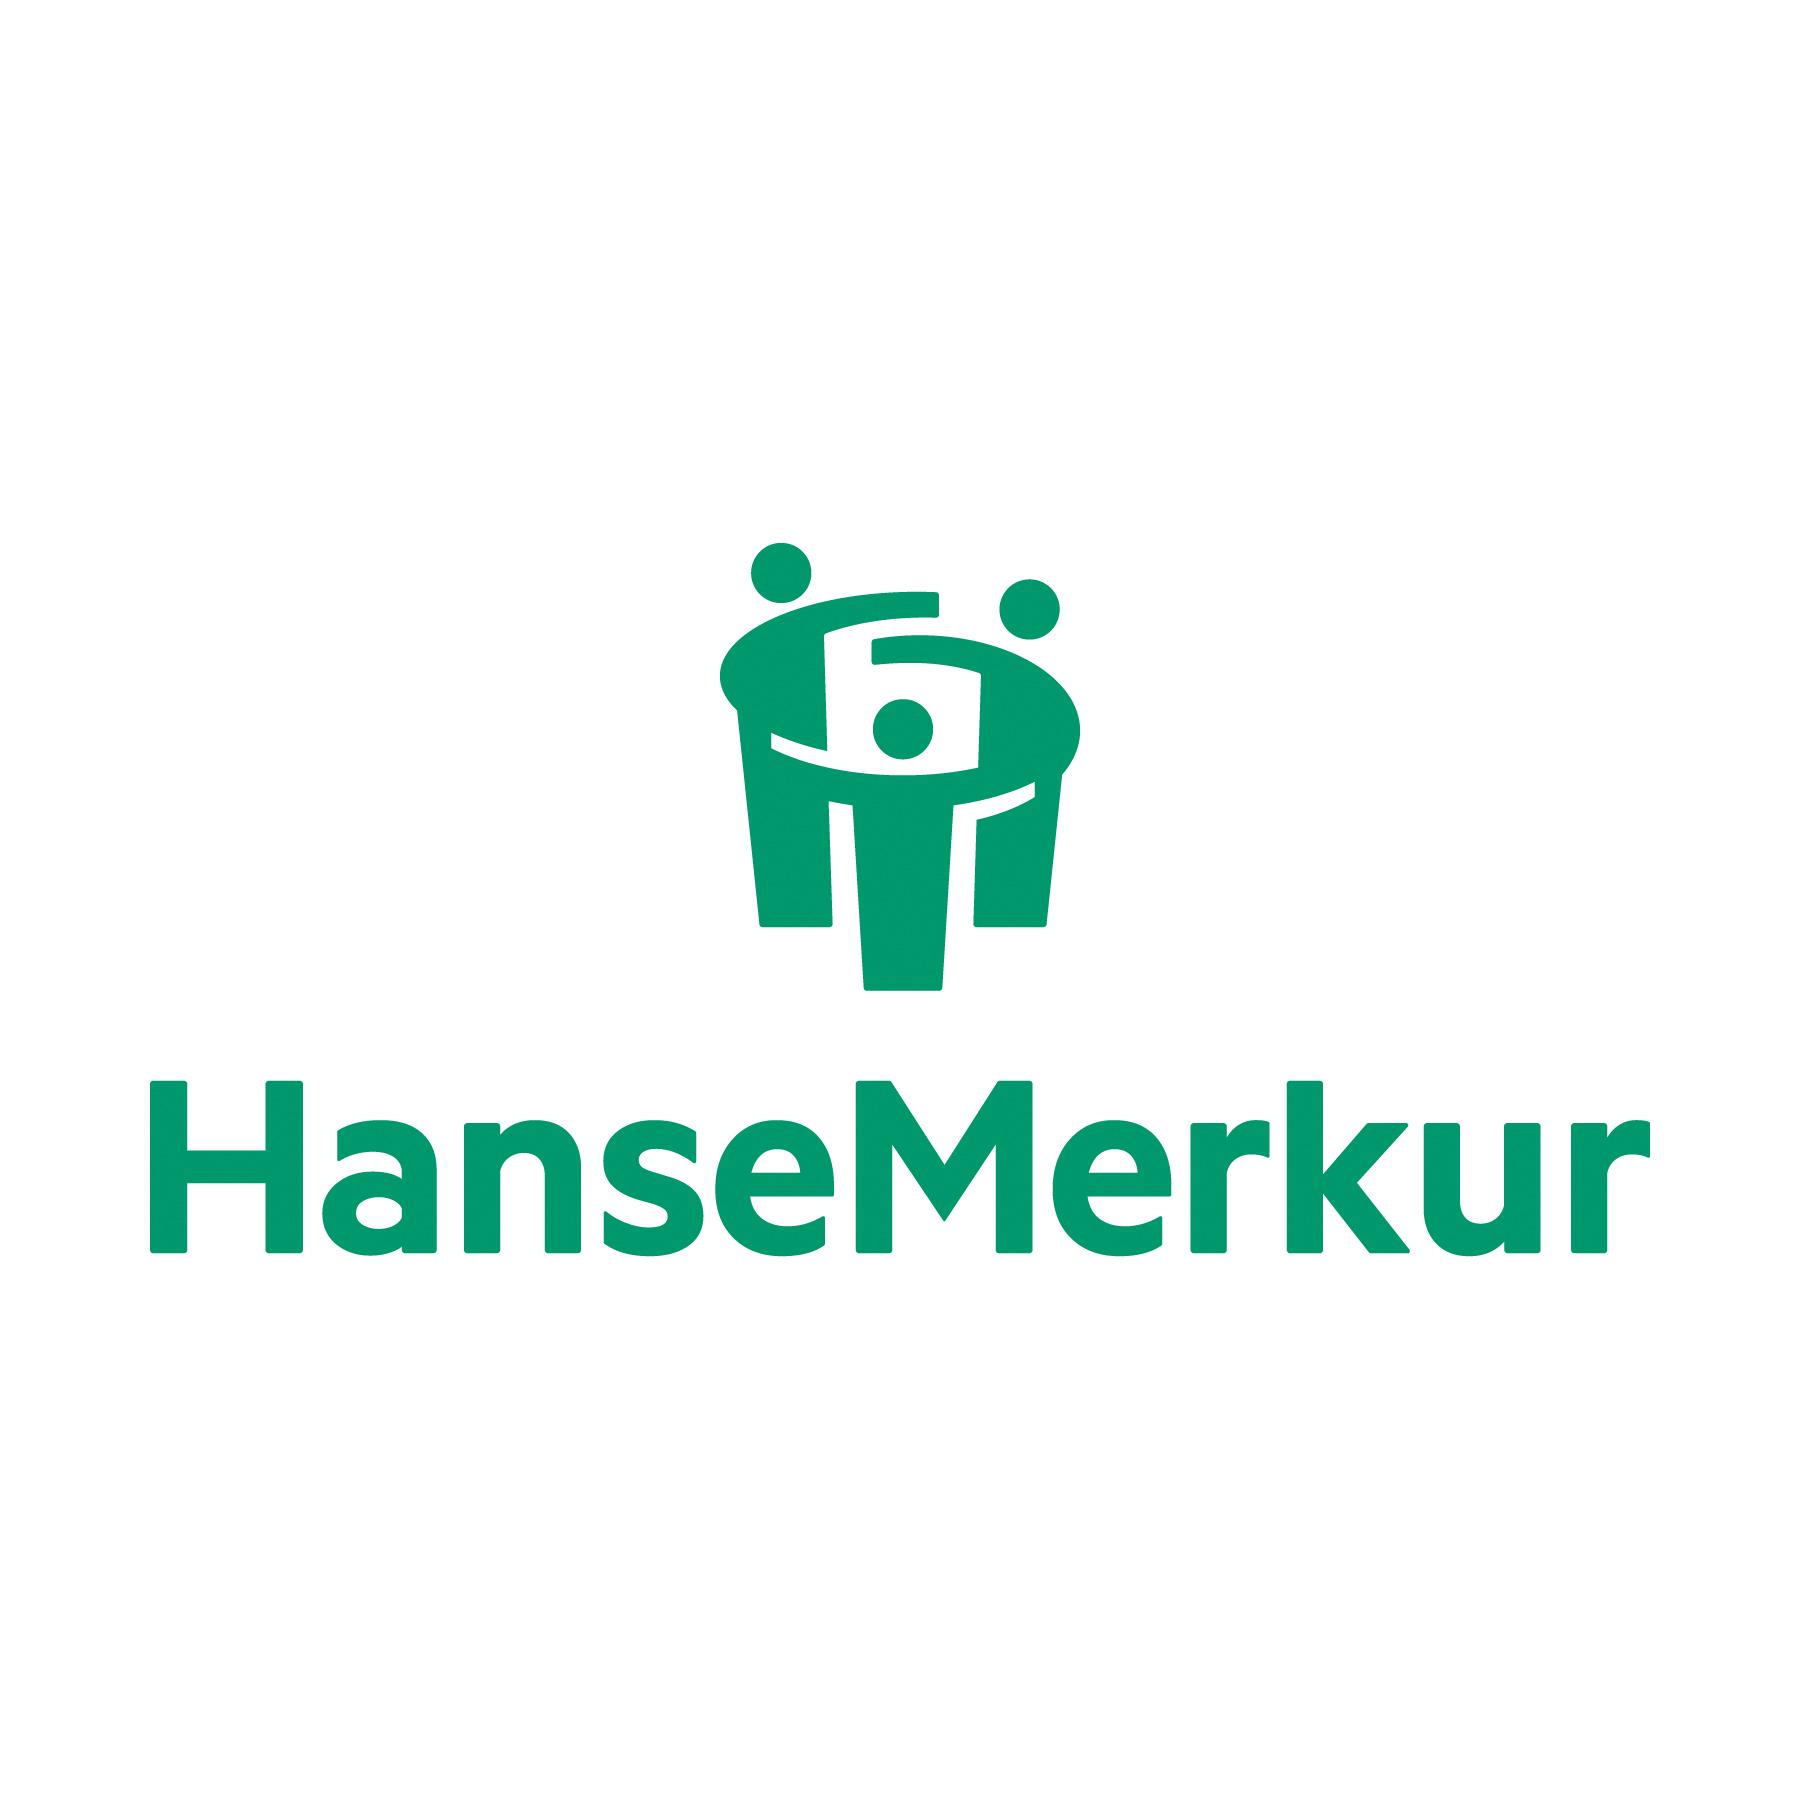 Hanse_Merkur.jpg